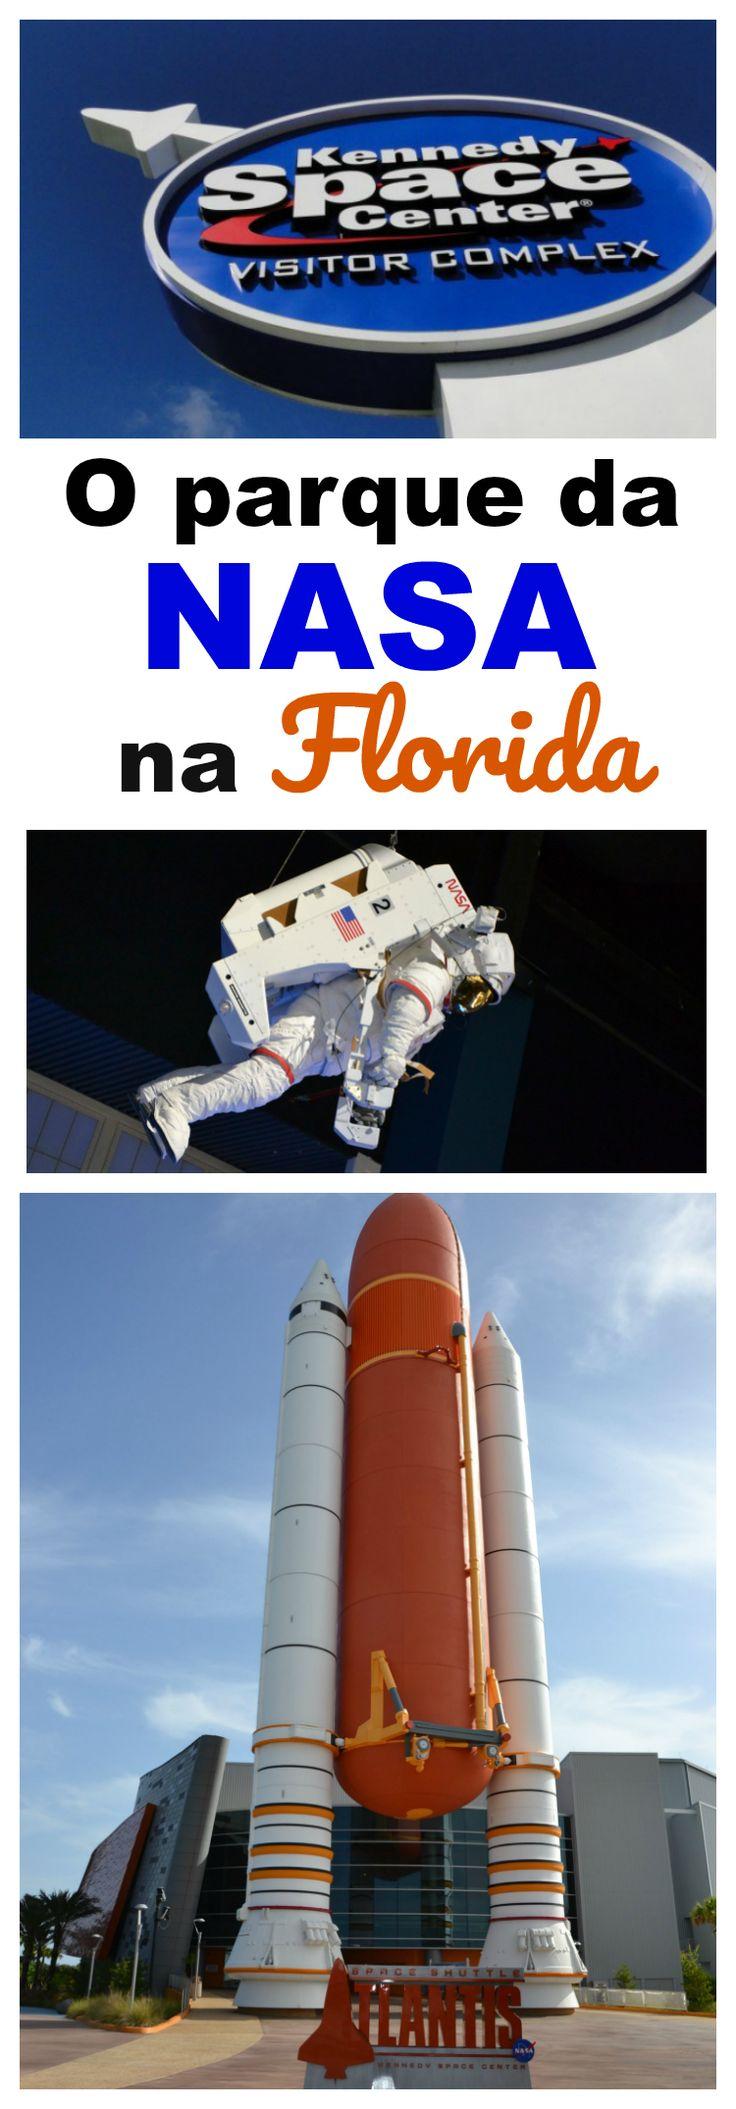 Uma das atrações na Florida, é o Kennedy Space Center, um misto de parque e museu, mantido pela NASA, que relembra a história da conquista espacial americana e de maneira informativa e lúdica mostra toda a ciência por trás das viagens espaciais. O espaço guarda muitos artefatos e naves importantes, sendo a de maior destaque a Space Shuttle Atlantis, ônibus espacial com diversas missões no espaço. Fica localizado a cerca de 50 minutos de Orlando.